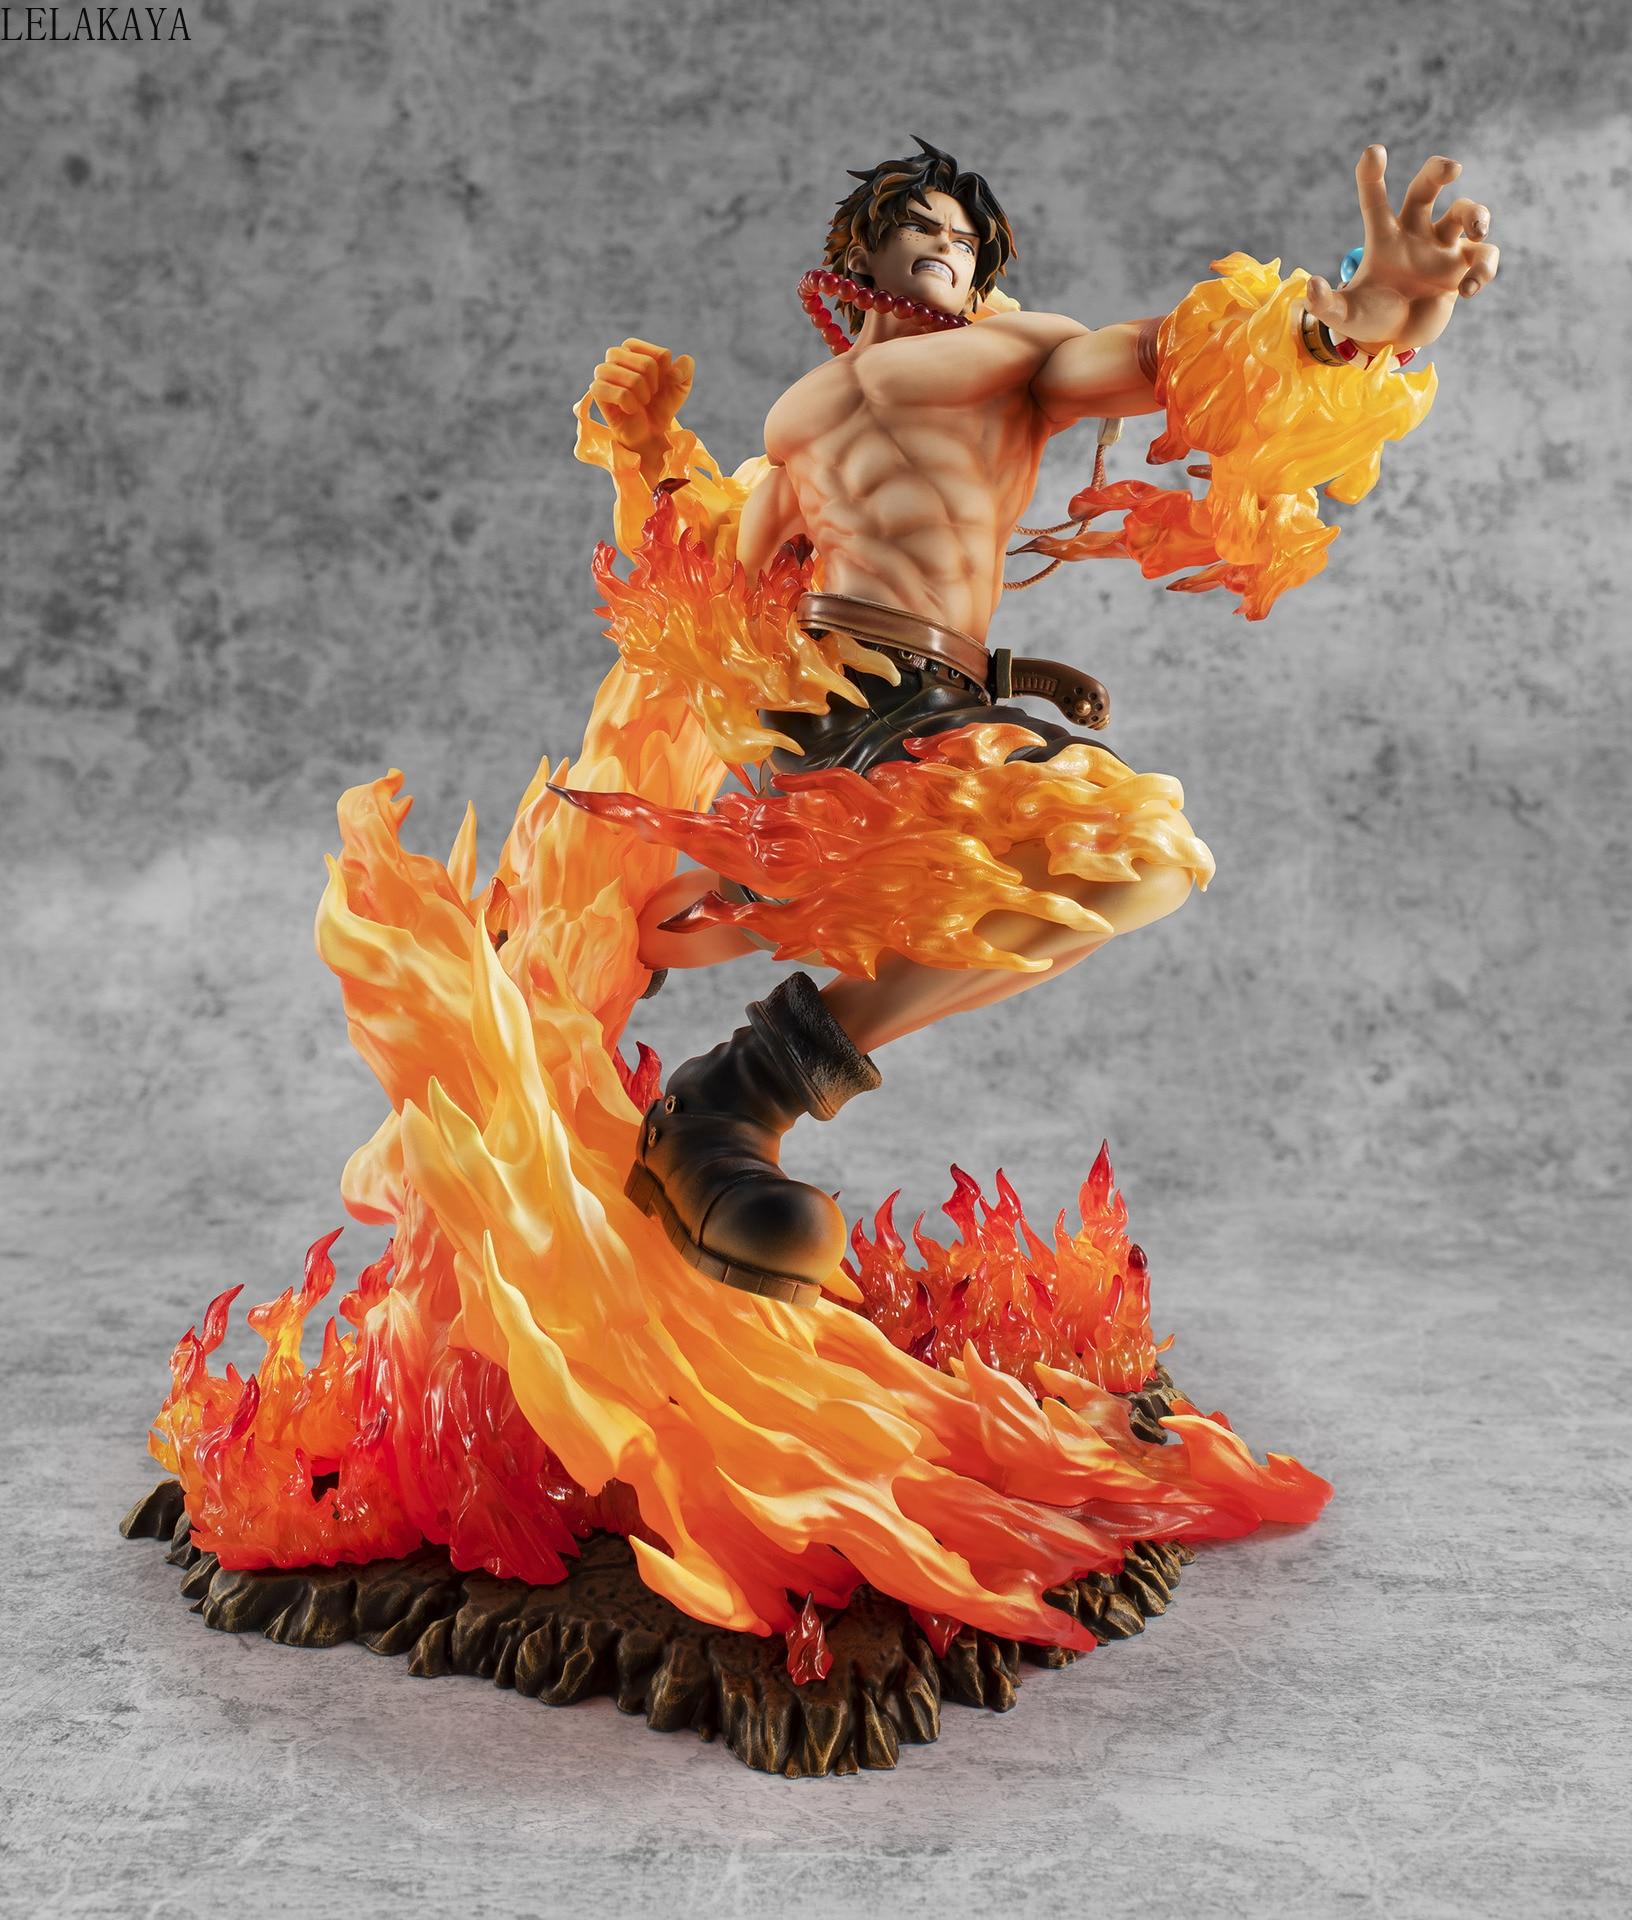 Аниме One Piece портгаз D Ace MAX 15-я годовщина специальное издание версия GK статуя ПВХ фигурка Коллекционная модель игрушки подарок